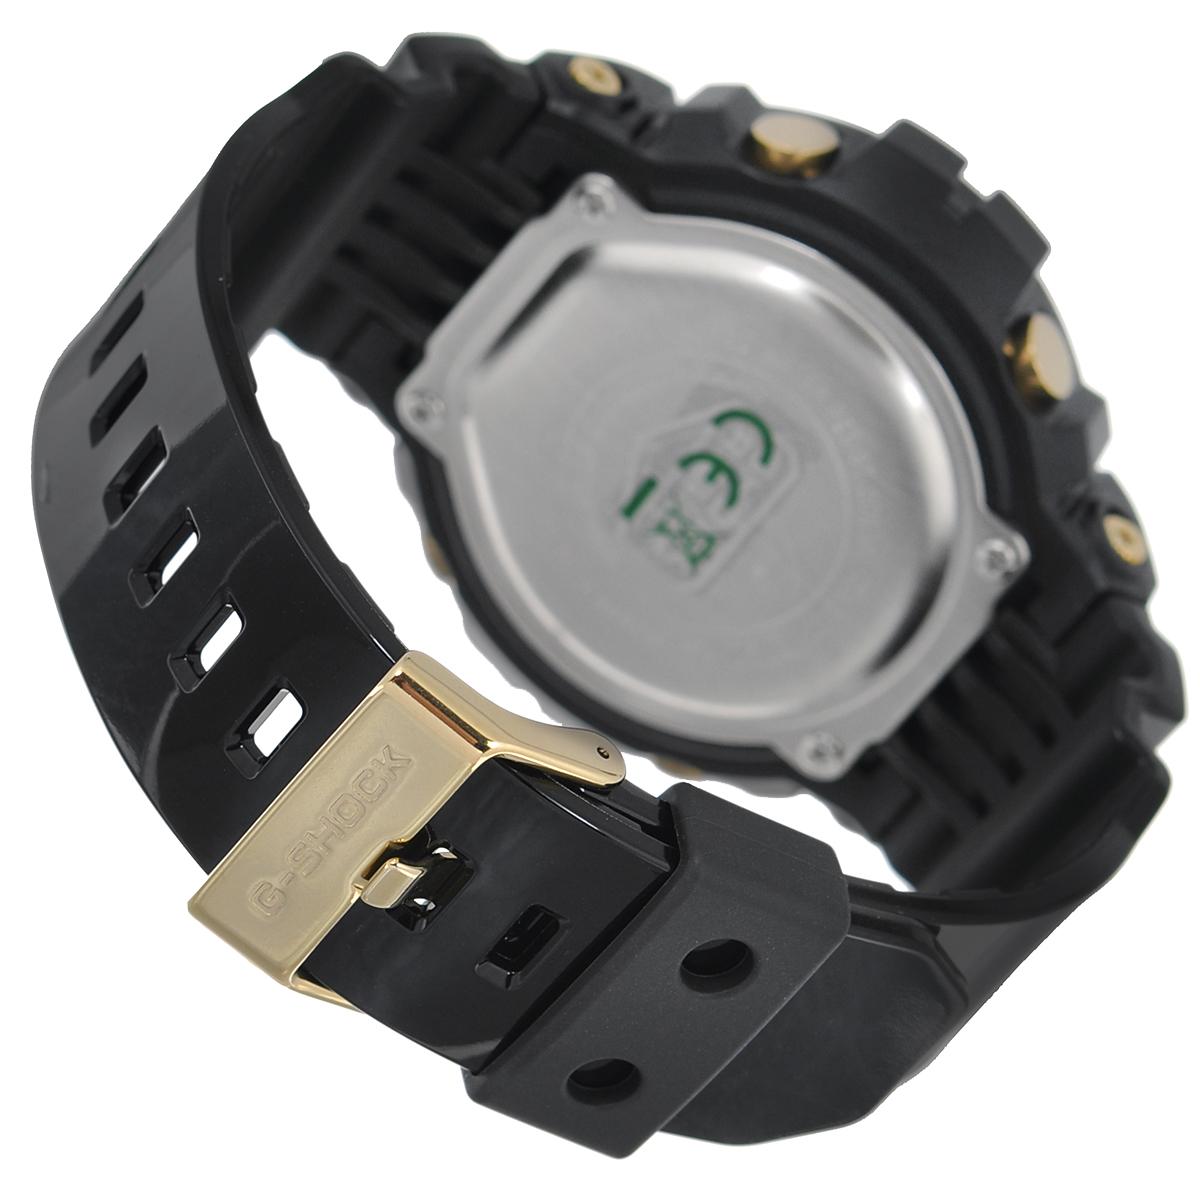 """Часы мужские наручные Casio """"G-Shock"""", цвет: черный, золотой. GD-X6900FB-1E ( GD-X6900FB-1E )"""